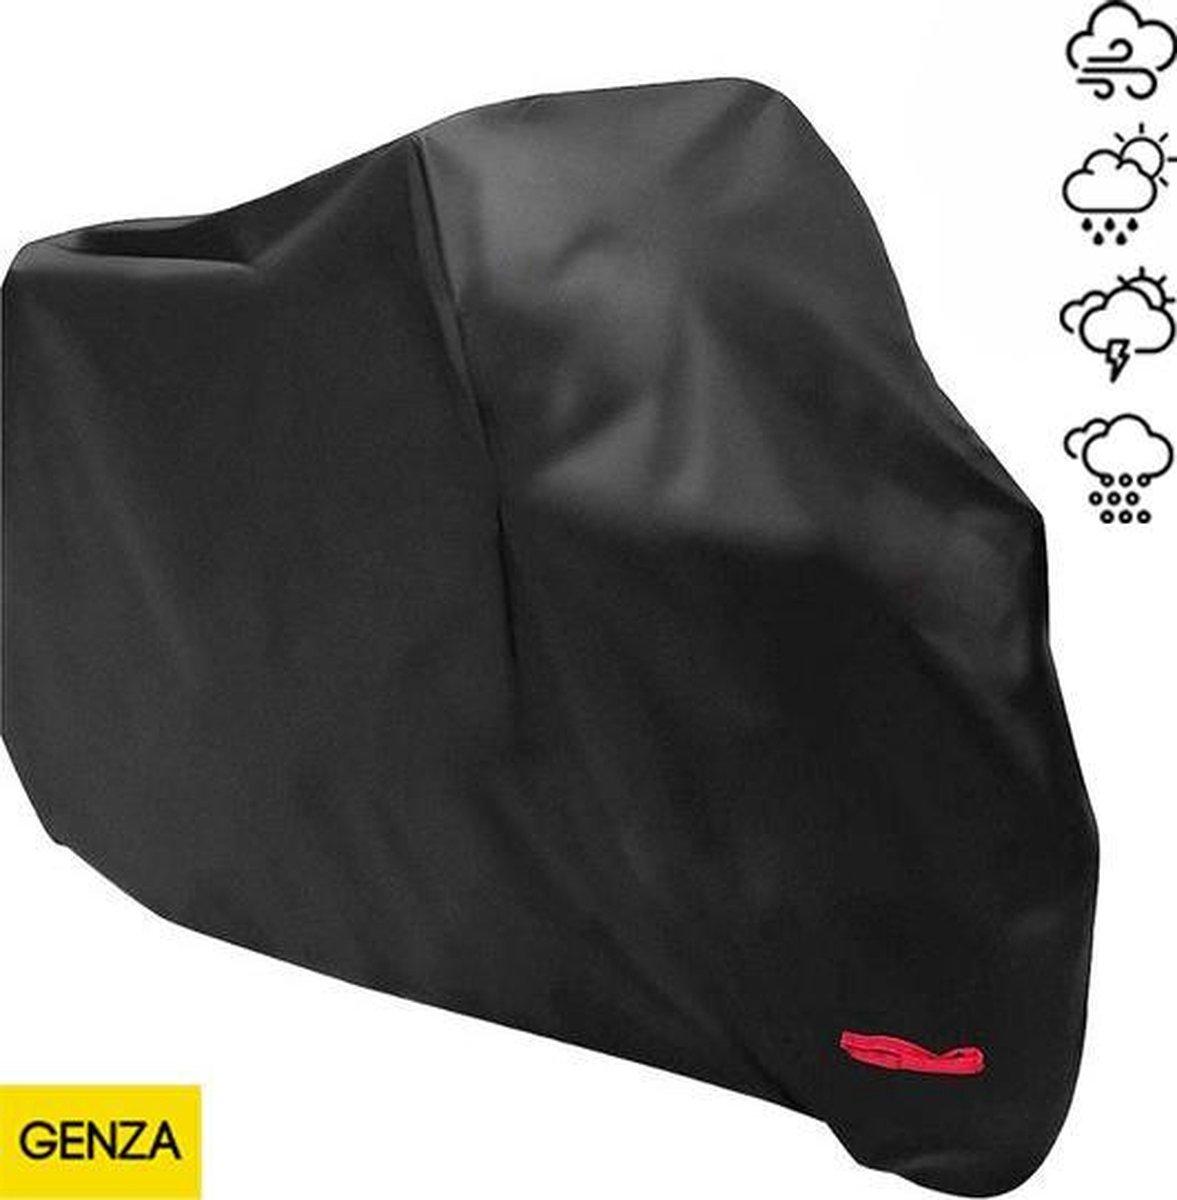 GENZA Premium Scooterhoes   Motorhoes   Geschikt voor Binnen en Buiten   Scooterhoes Waterdicht   Sc